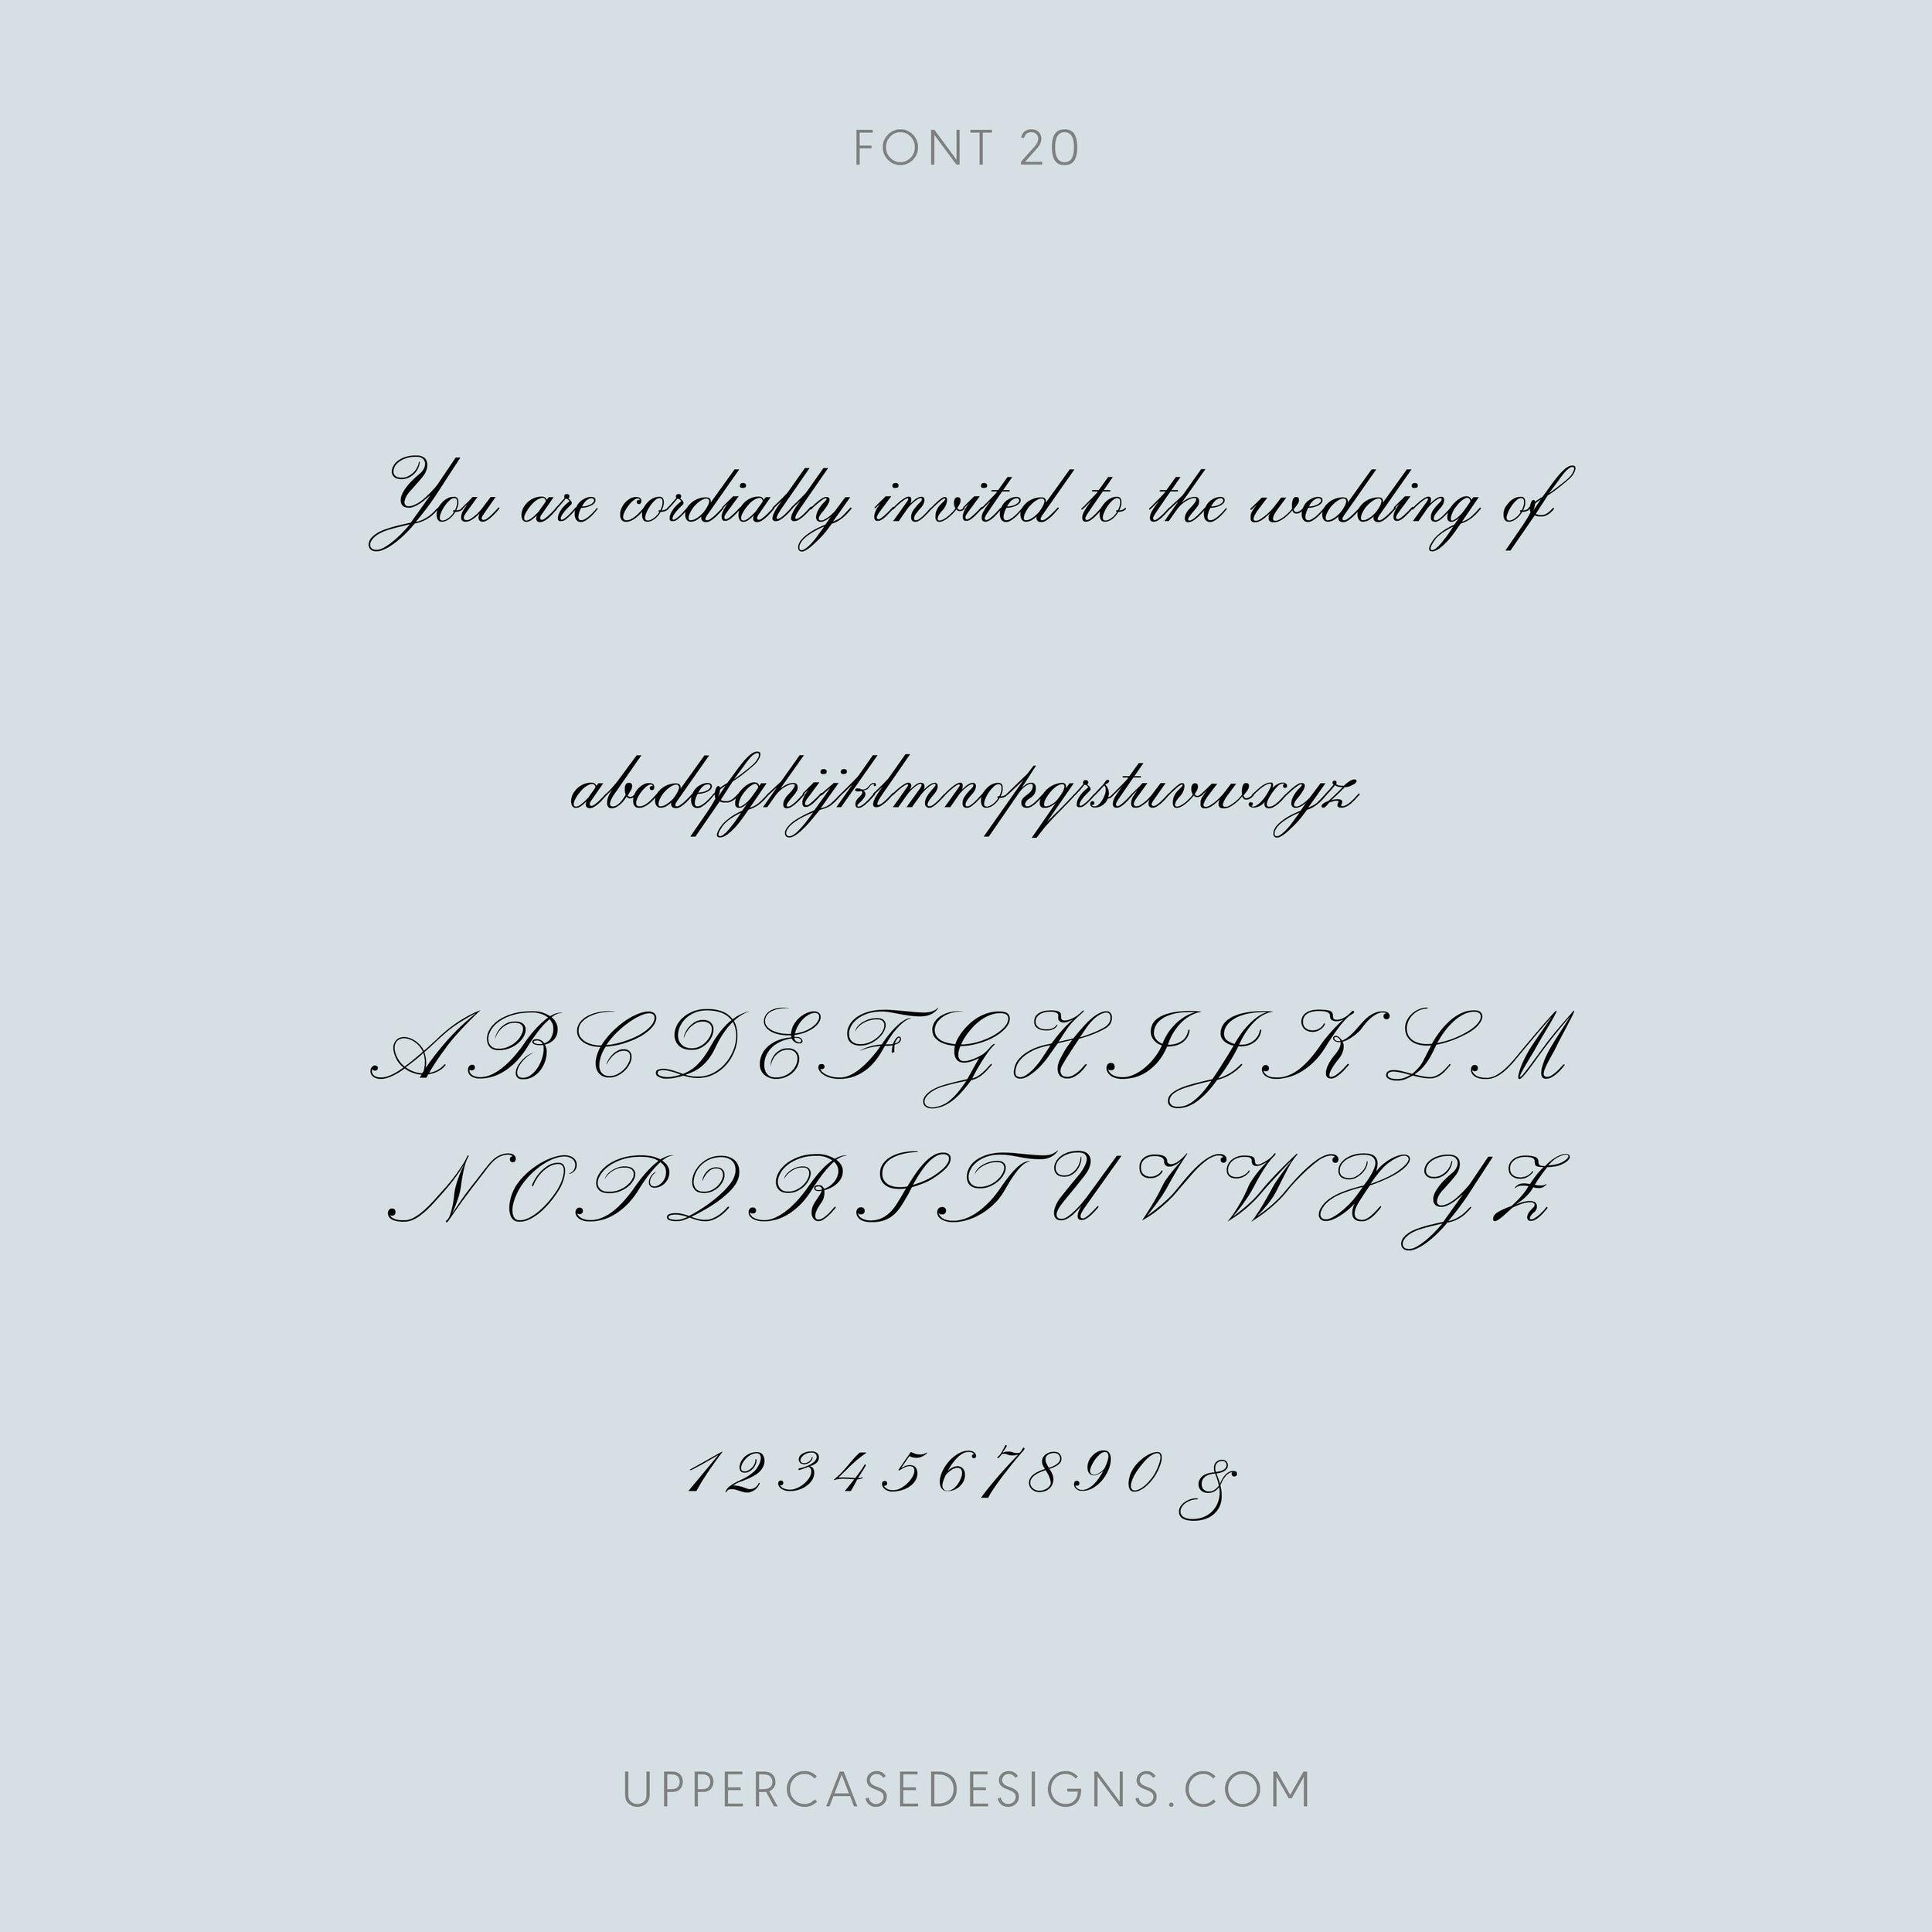 UppercaseDesigns-Fonts-202020.jpg